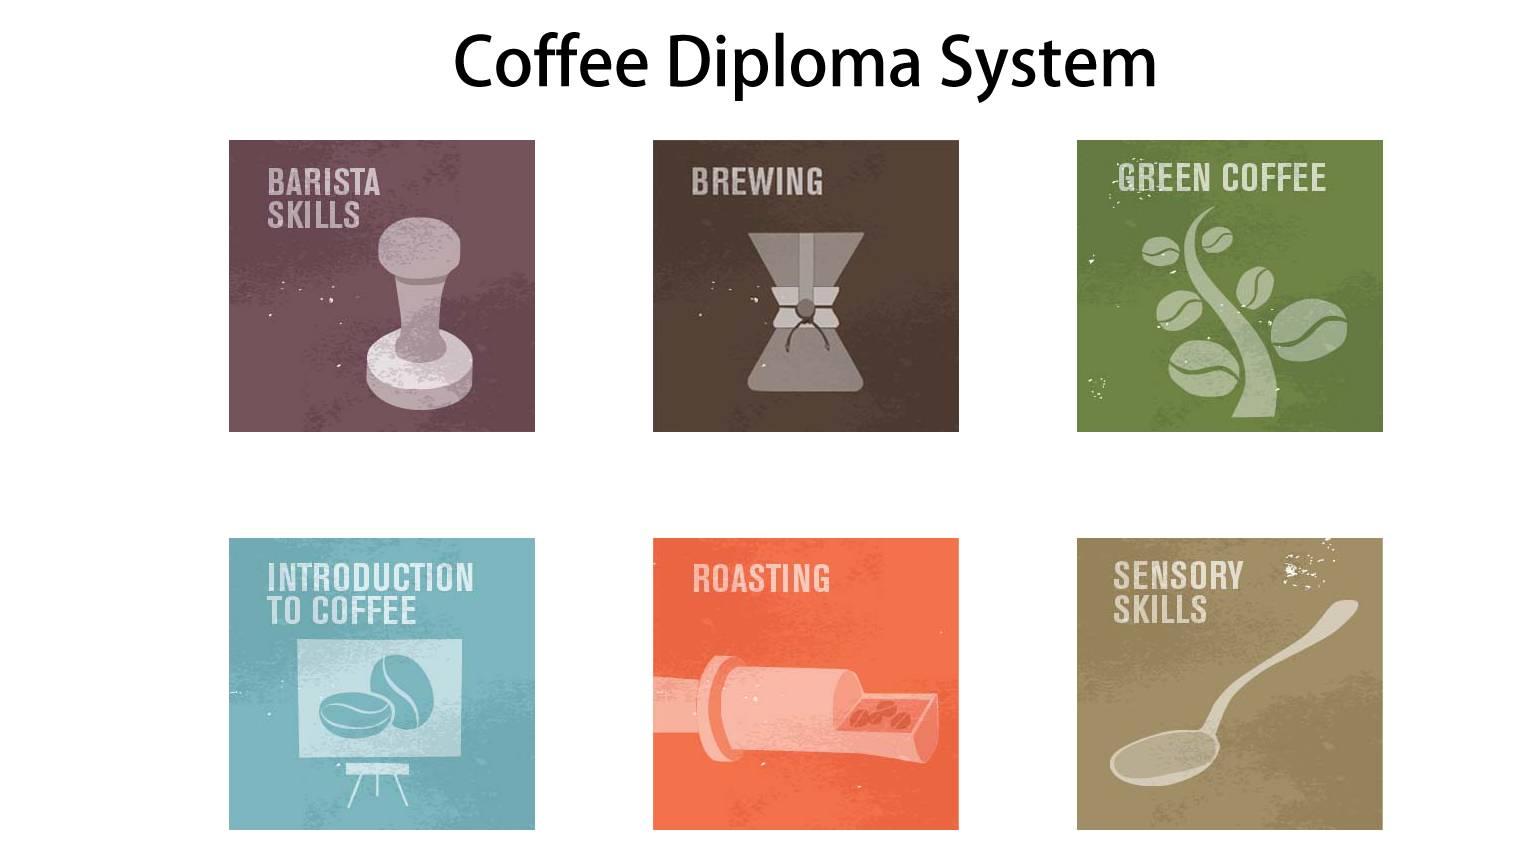 咖啡证书有哪几种?SCA咖啡文凭六大模块,CQI国际认证